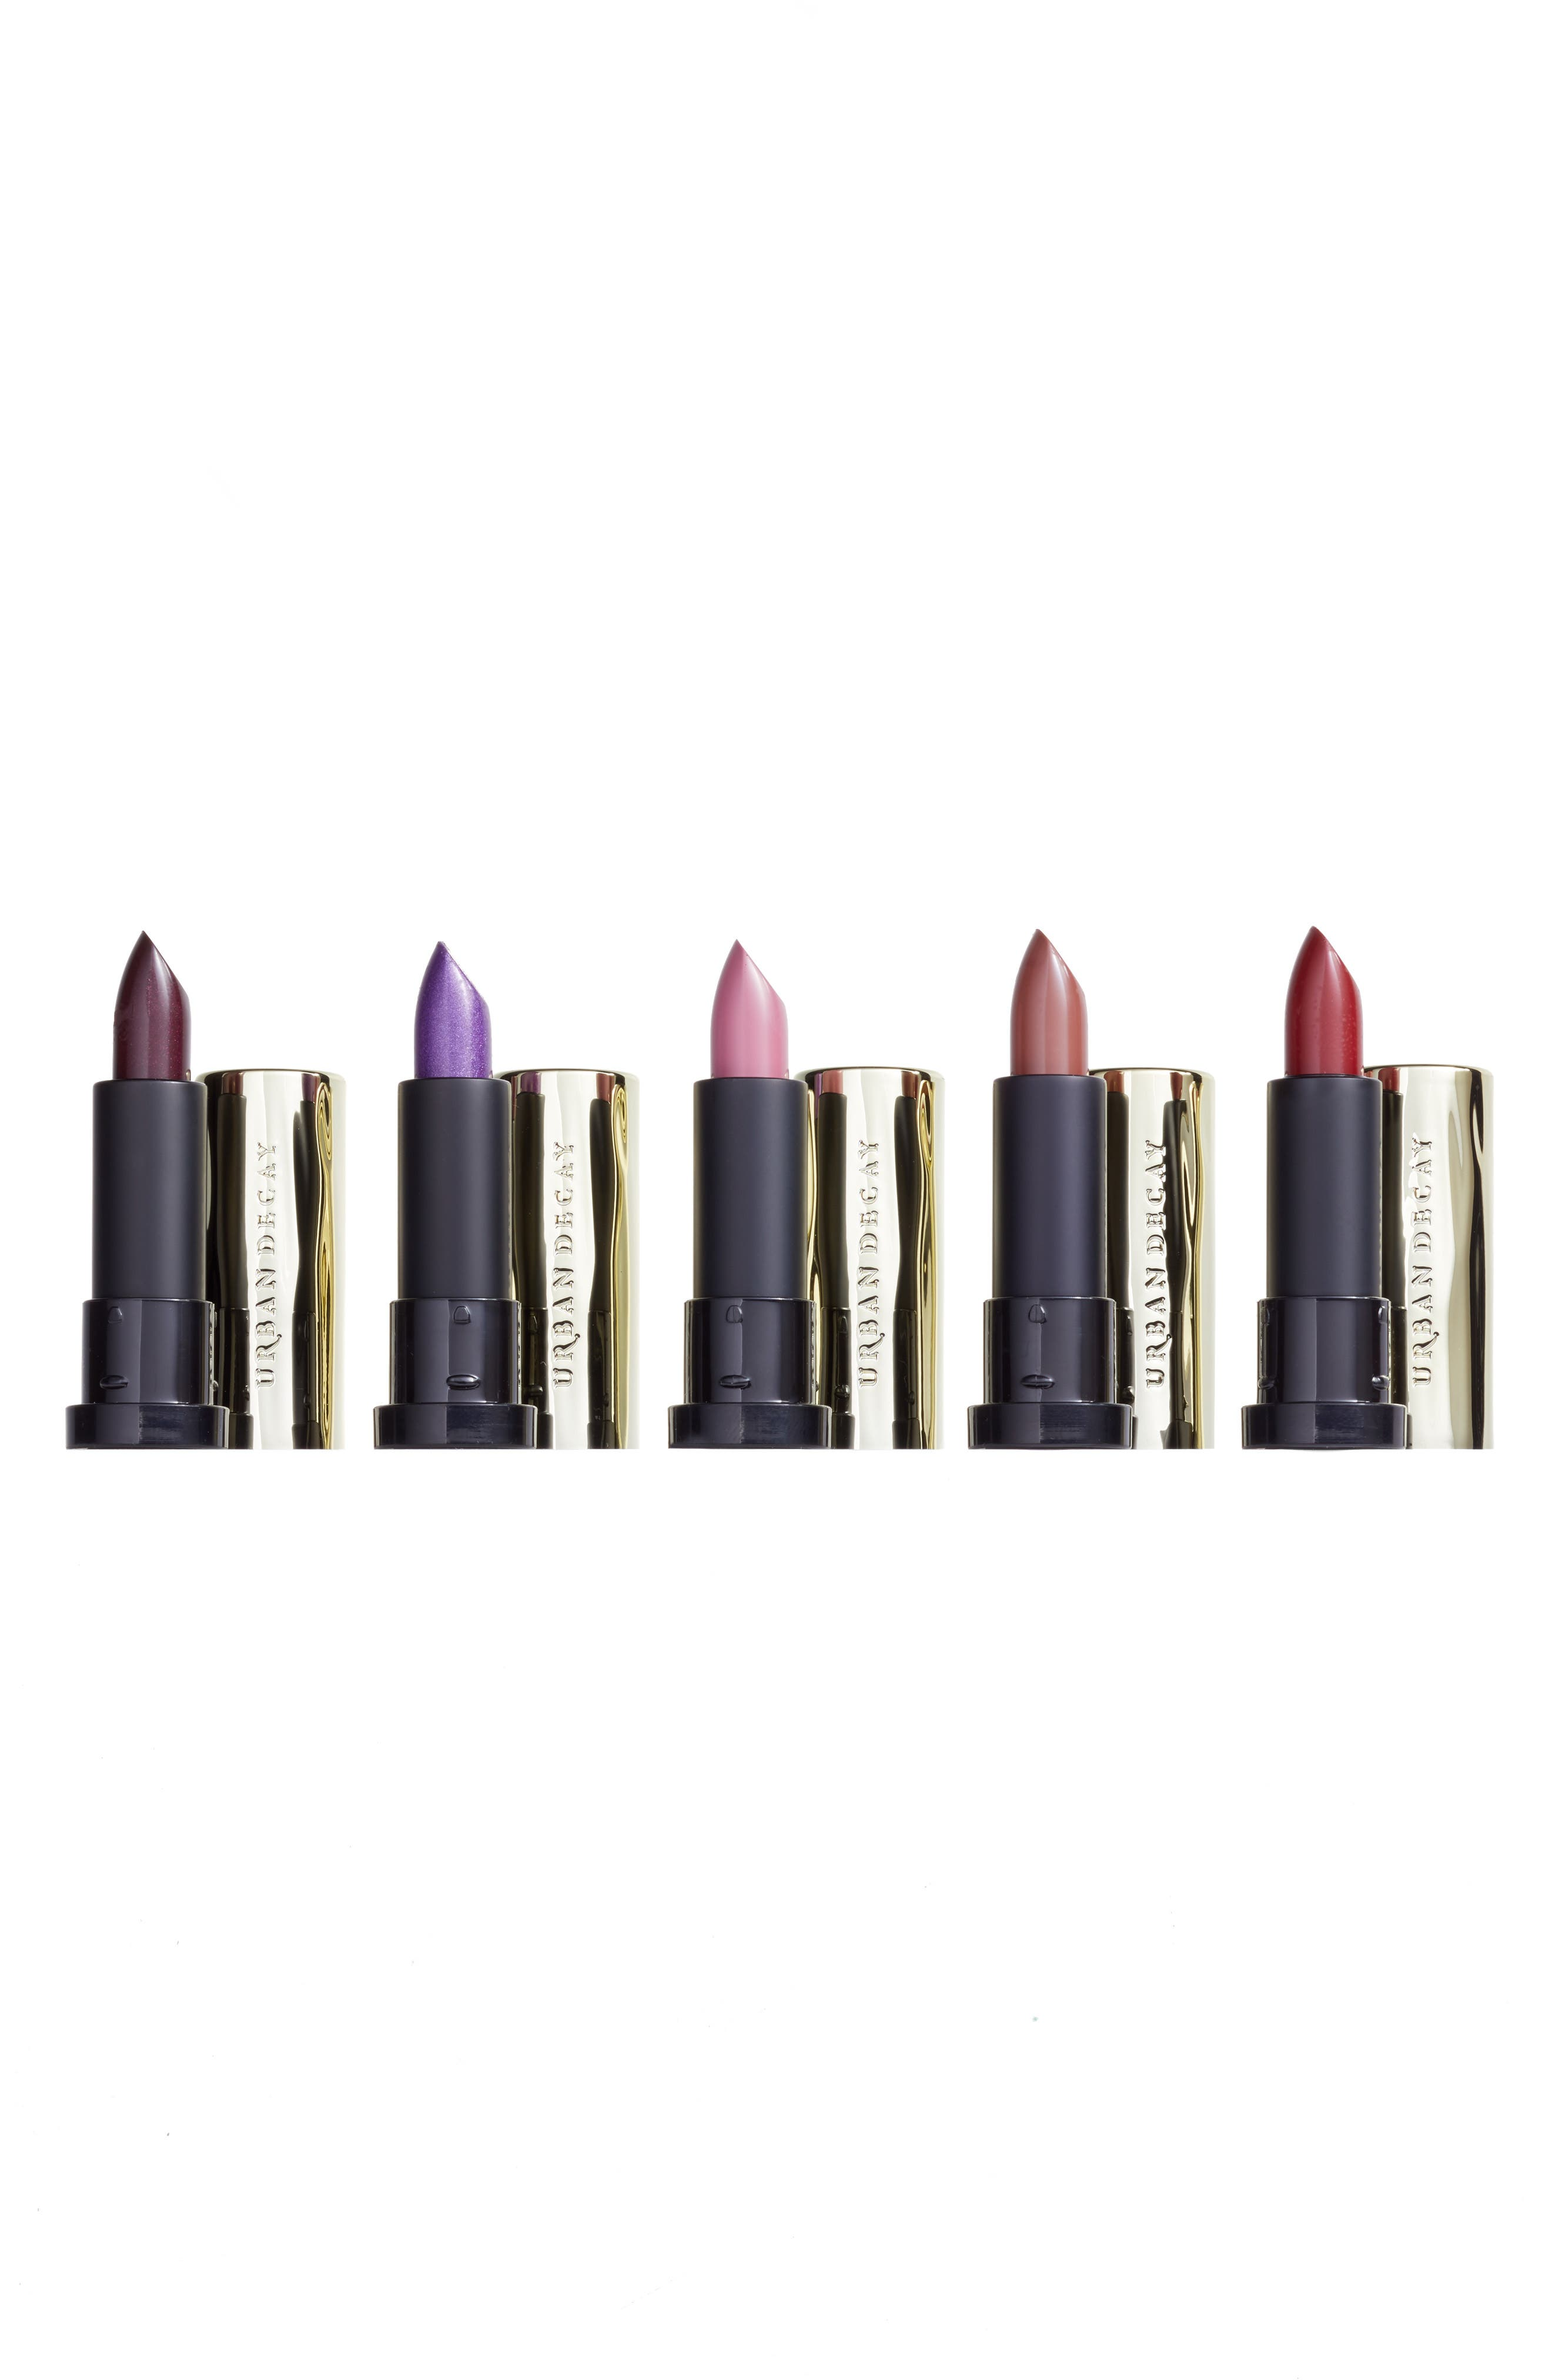 Little Vices 5-Piece Lipstick Sample Set,                         Main,                         color, 000